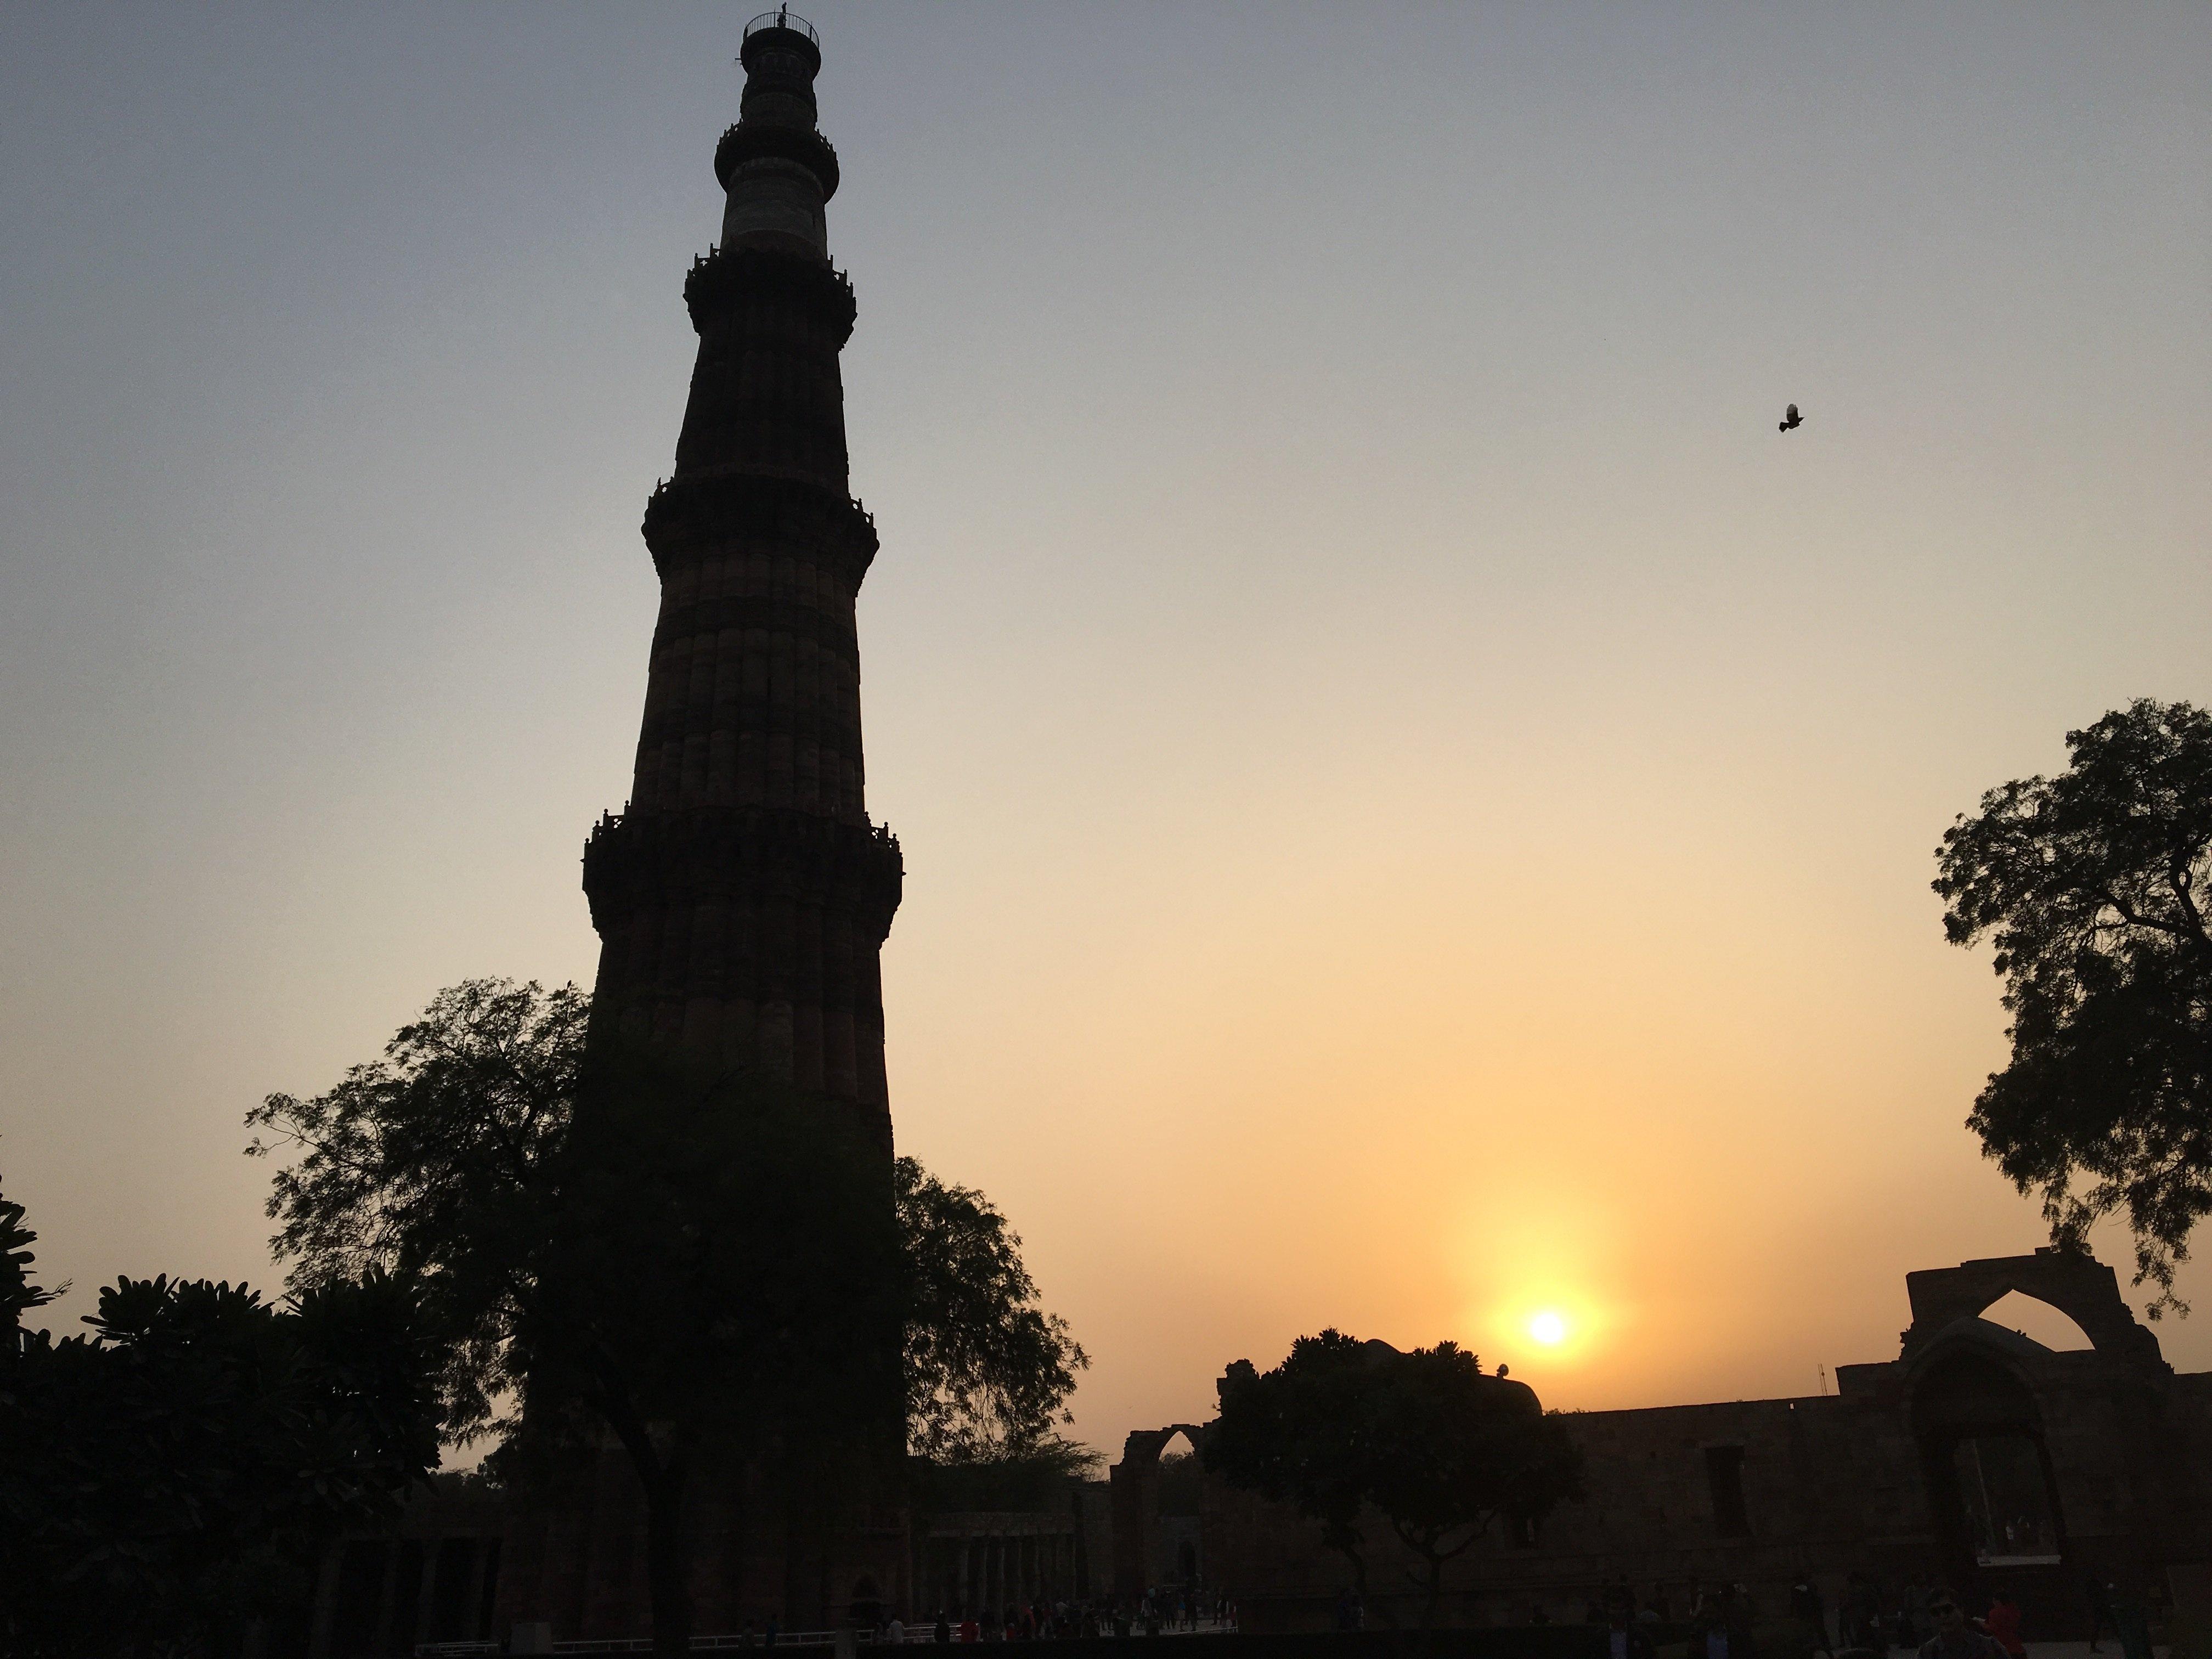 古特伯高塔(QUTAB MINAR)是德里的著名景点。它位于新德里南郊外约15公里处。是印度最高的古塔,被称为印度斯坦七大奇迹之一。参观路线:入口-清真寺旁-东侧梅杰·史密斯圆顶-The Iman Zamin(清真寺的创建者)陵墓-清真寺内的Alai-Darwaza门户进入清真寺,再到达古伯特高塔的底部-庭院铁柱- Tomb of Iltutmish(德里的奠基人,奴隶制王朝的第三代统治者)-阿莱塔基座。